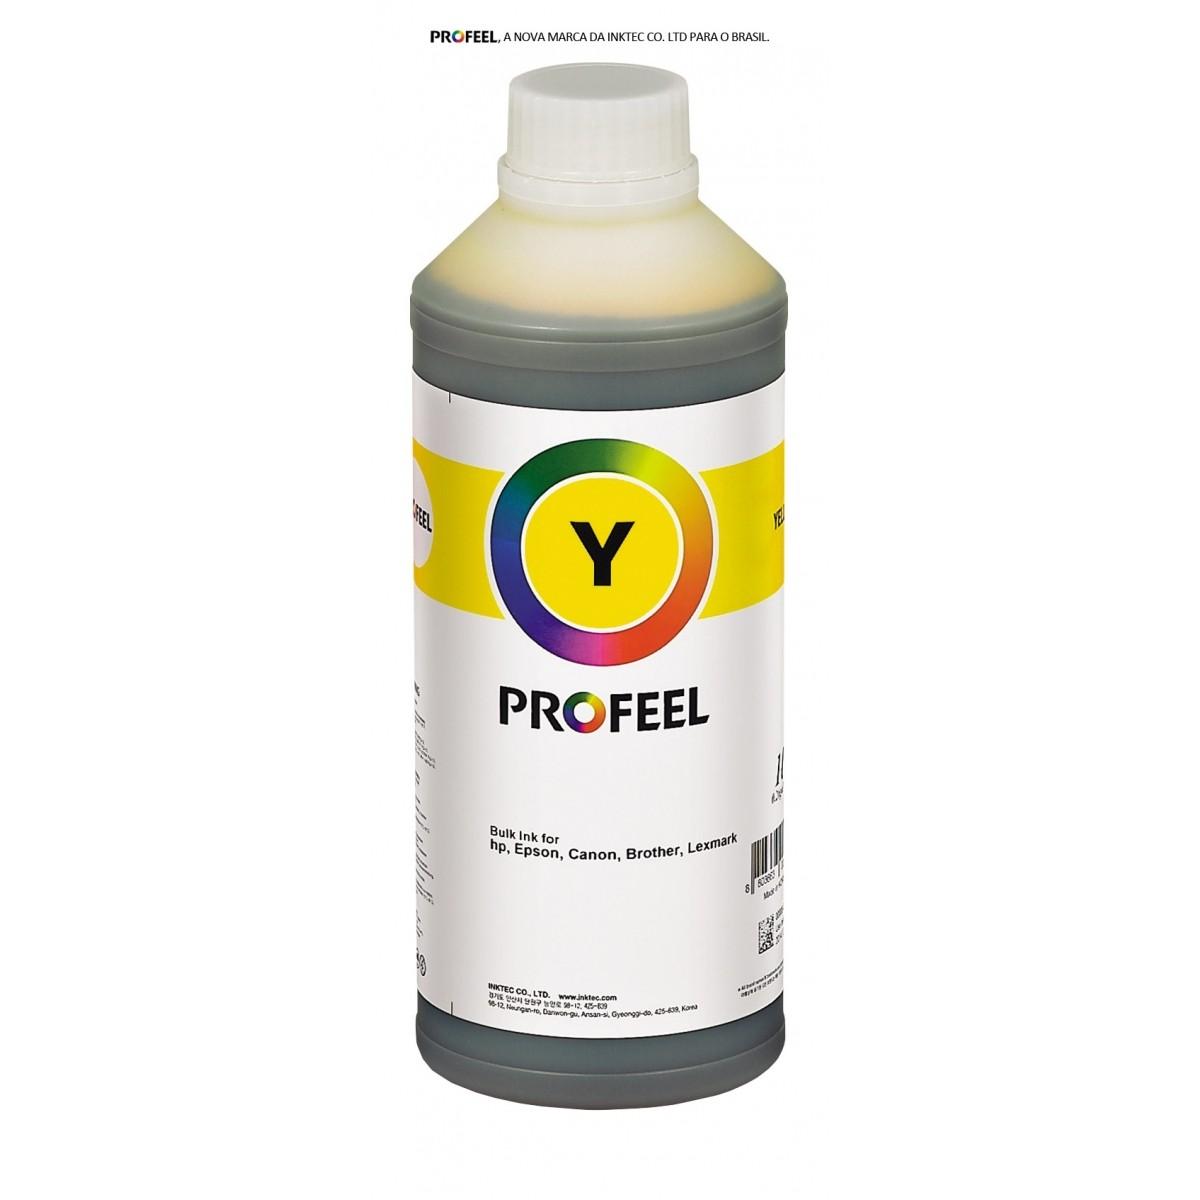 Tinta pigmentada InkTec Profeel para Epson | modelo E0013-01LY | Frasco de 1 litro | Cor : Amarela